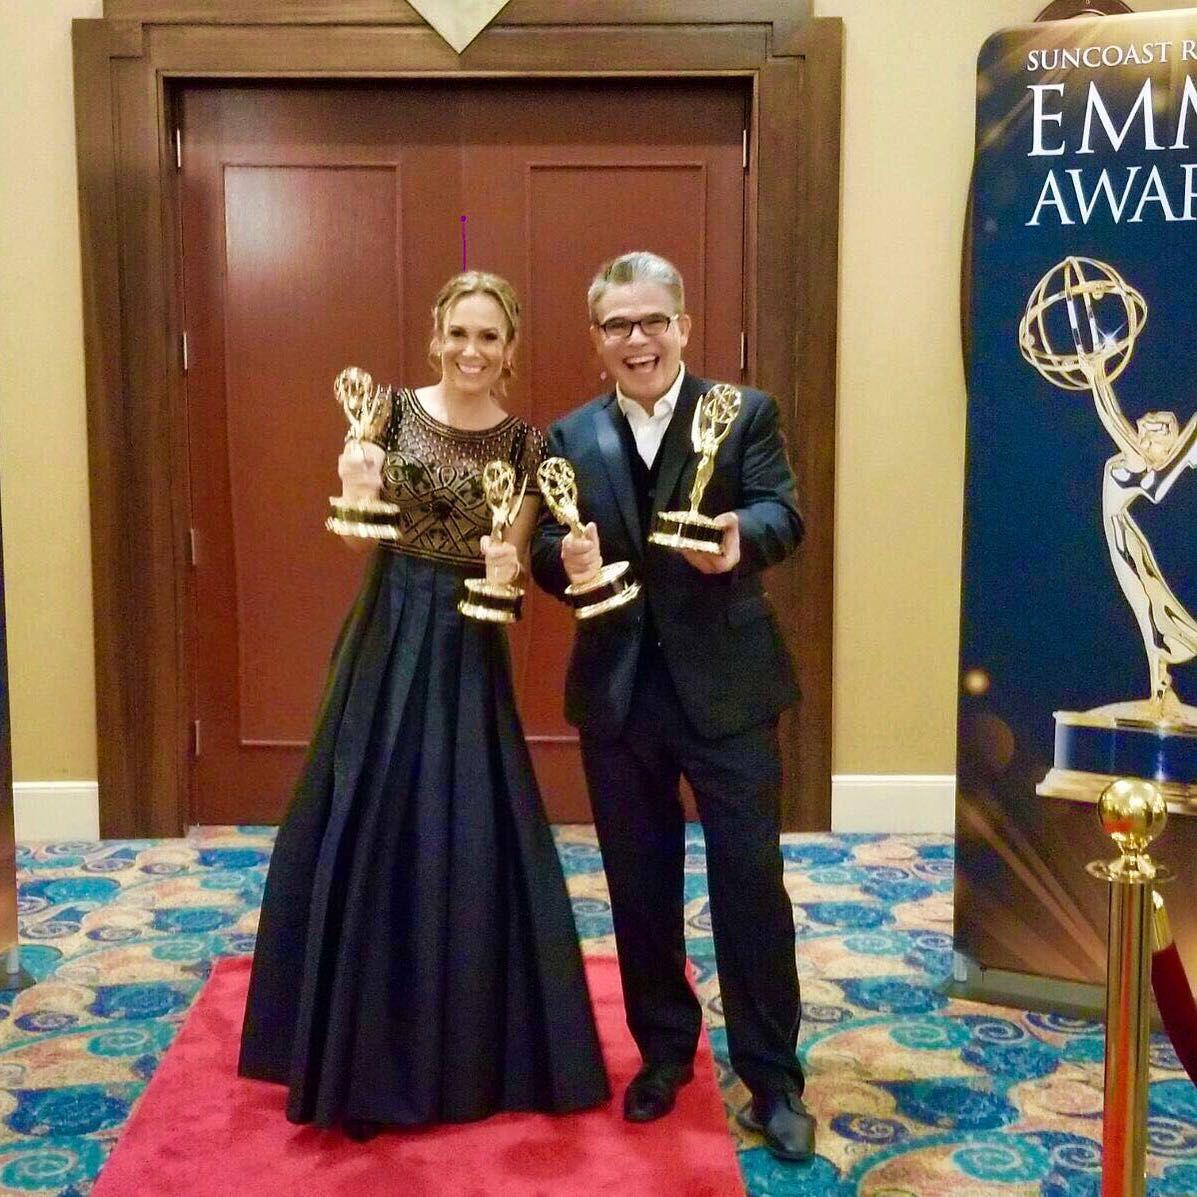 Fotografia Natalia Denegri y Nelson Bustamane reconocidos por el Emmy